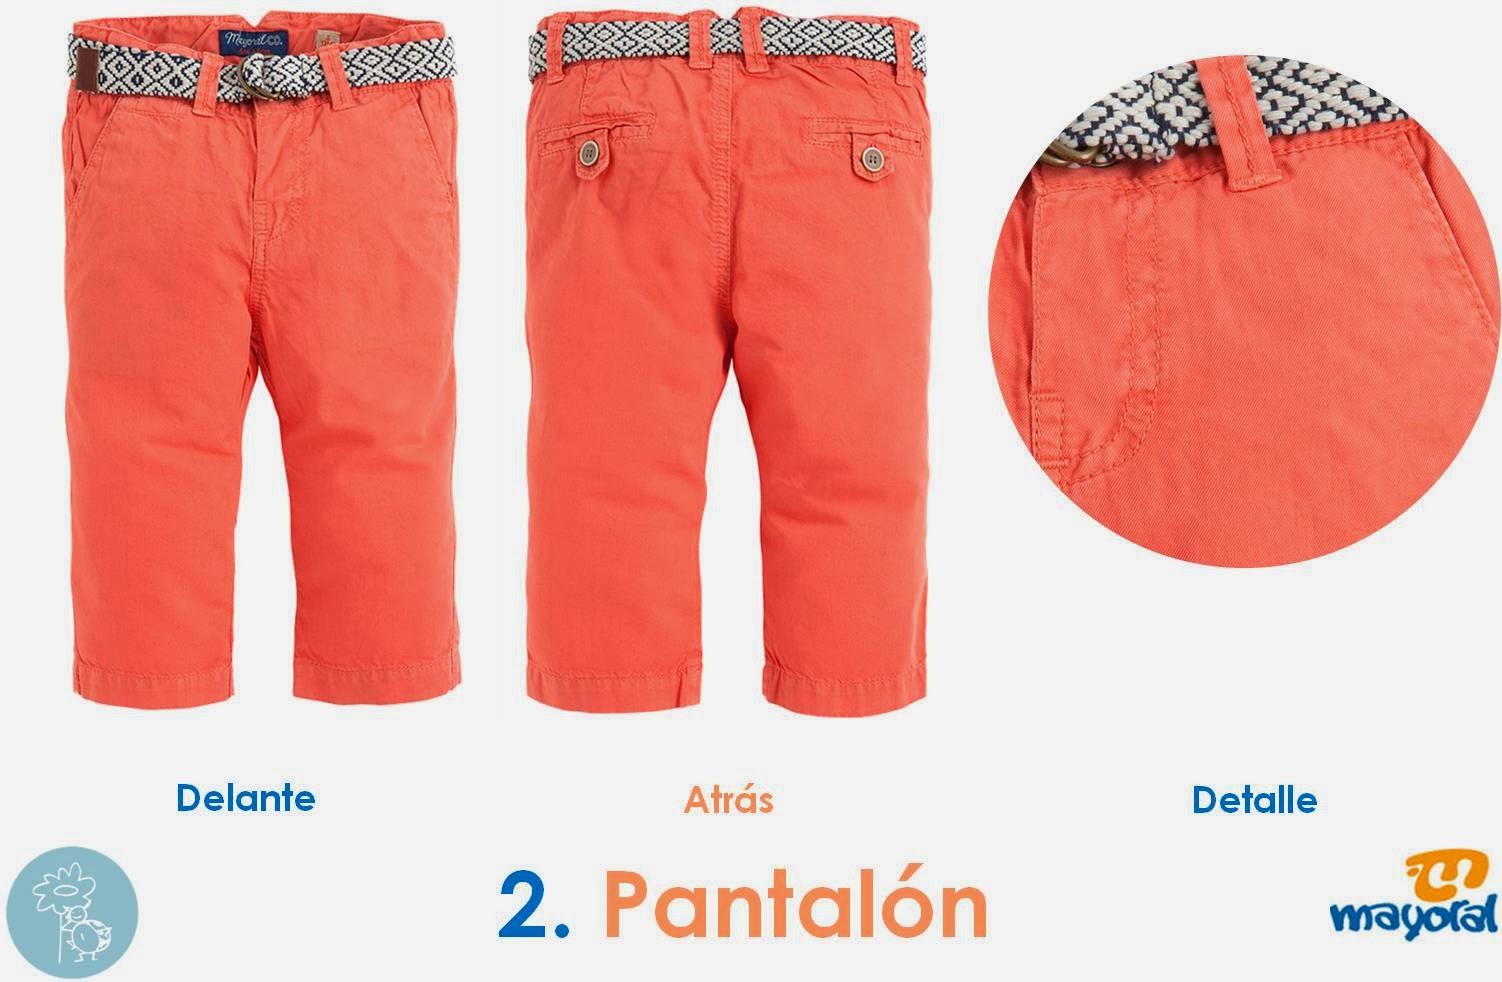 Pantalón Coral Mayoral colección baby en Blog Retamal moda infantil y bebe